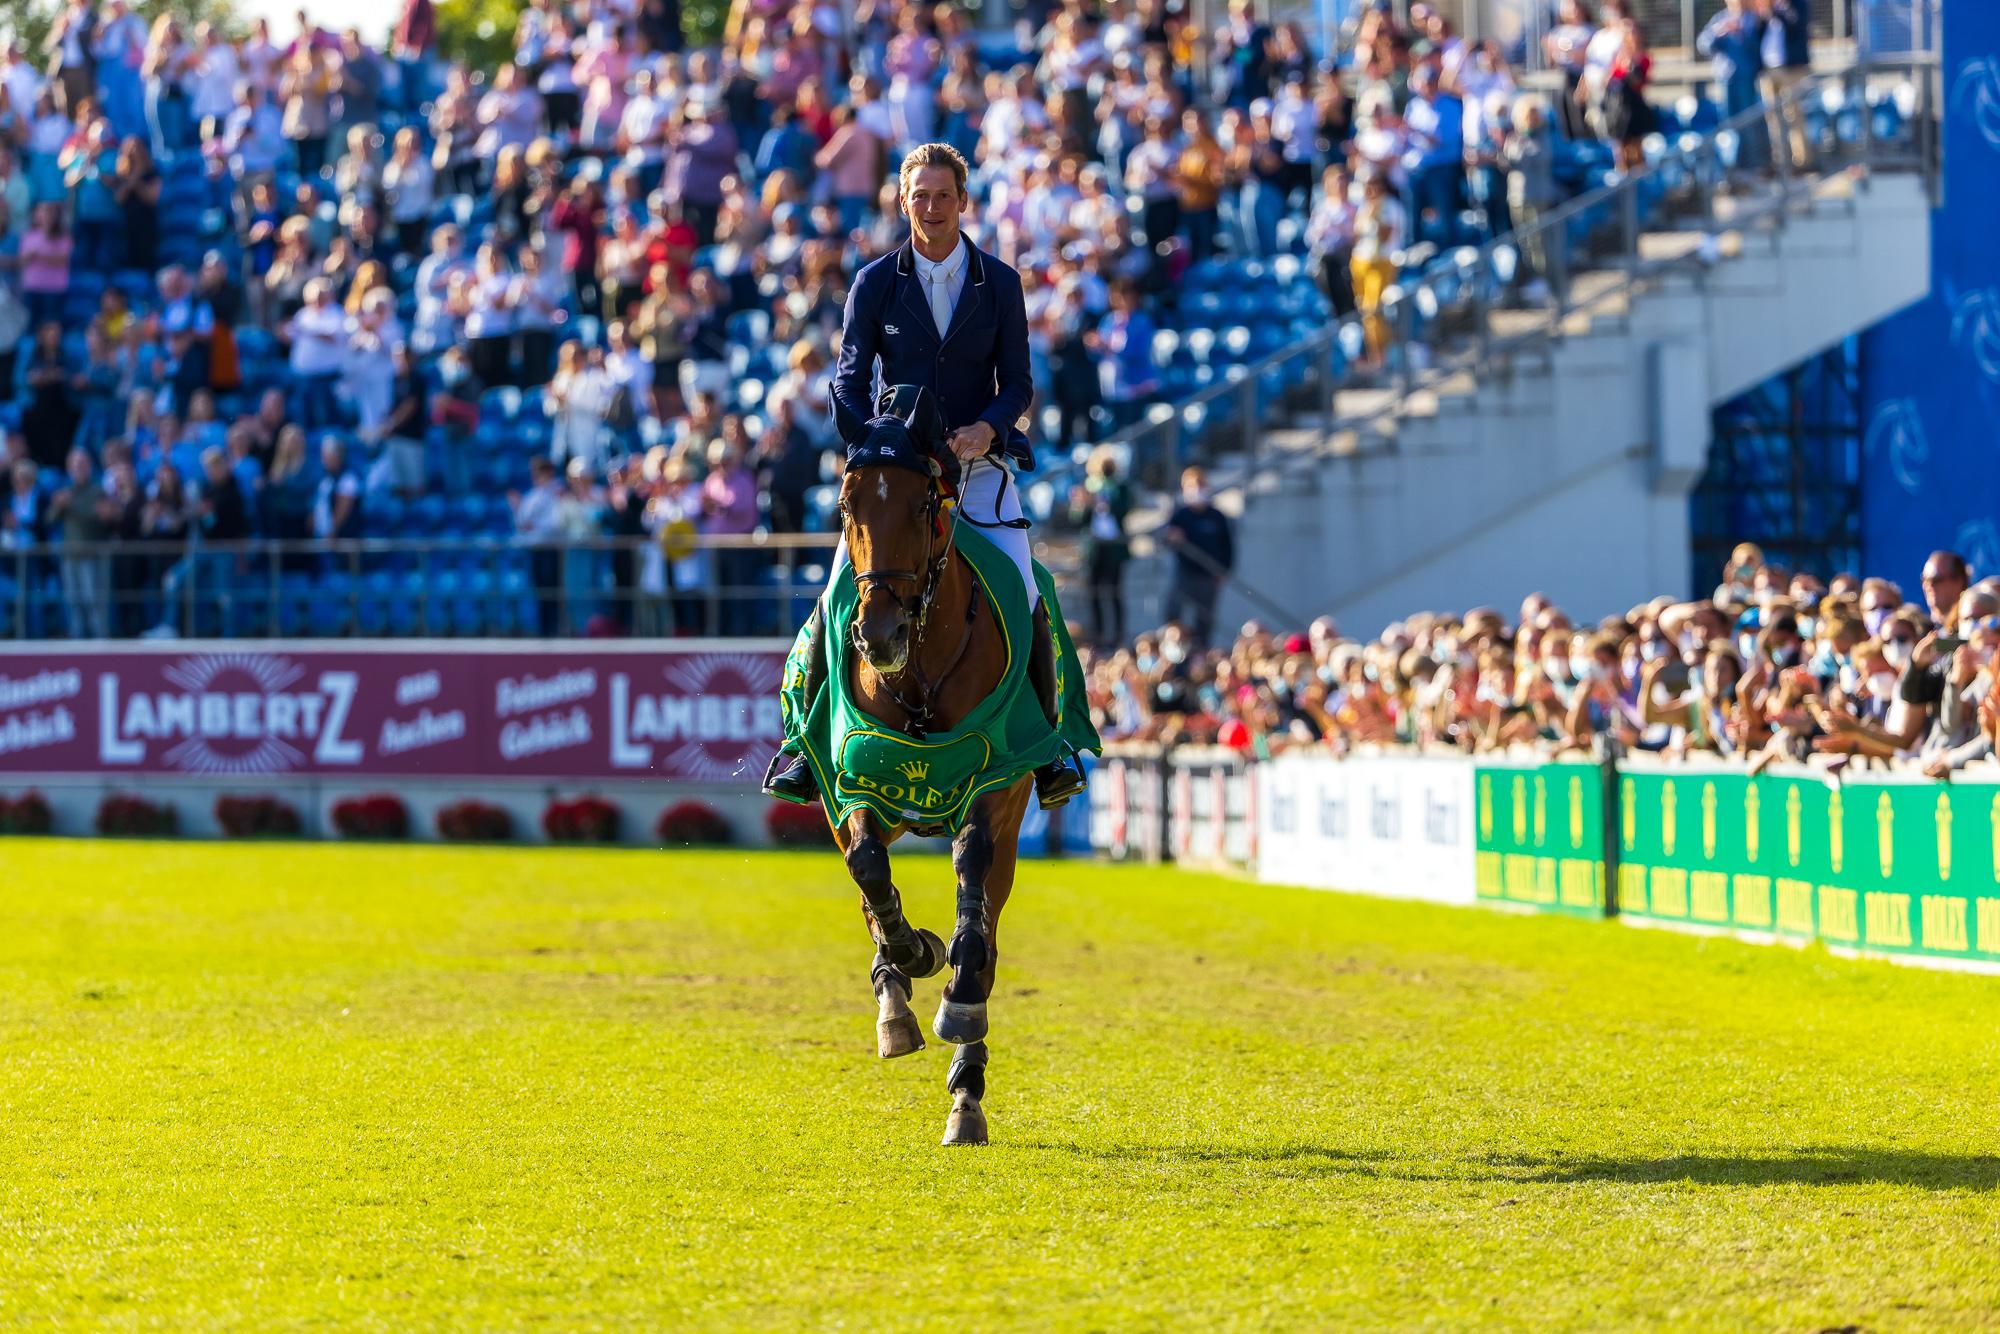 Daniel Deusser wins Rolex Grand Prix of Aachen